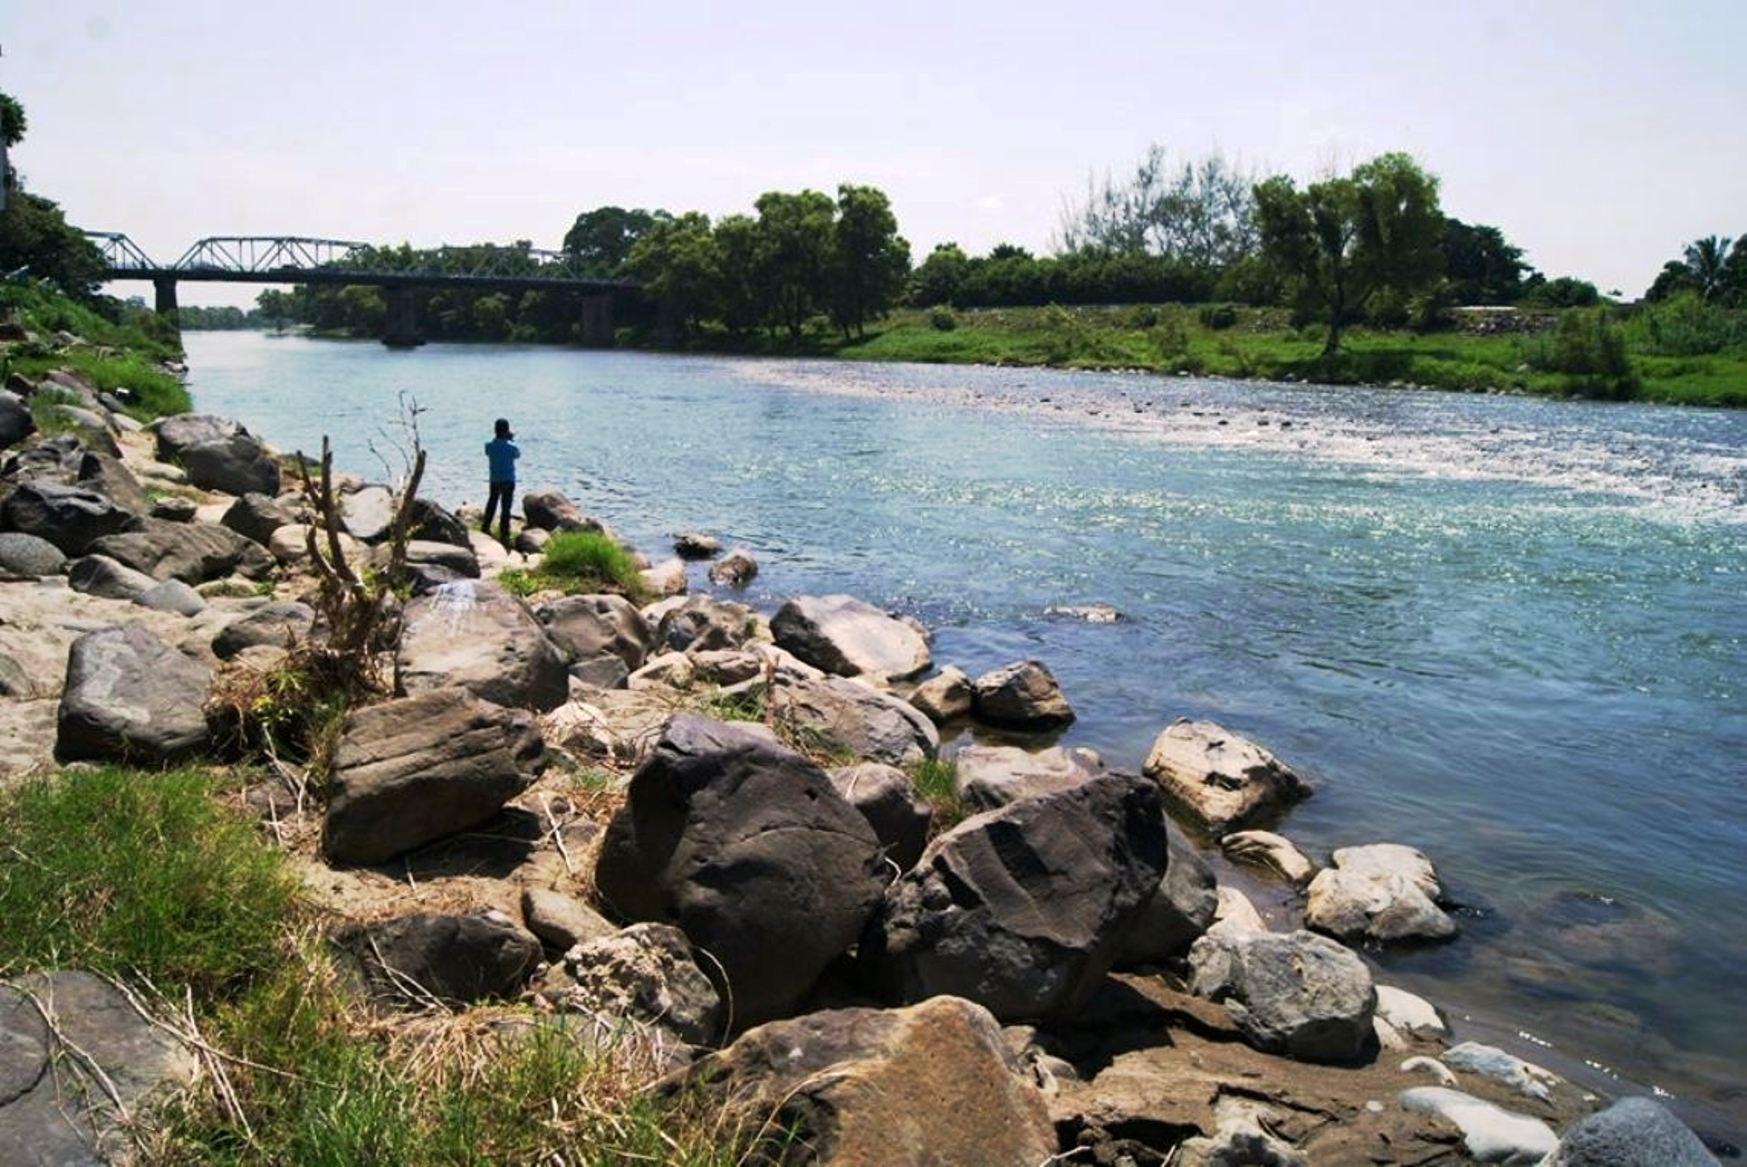 Lavida exige a Sedema rechazar nueva hidroeléctrica en río Bobos